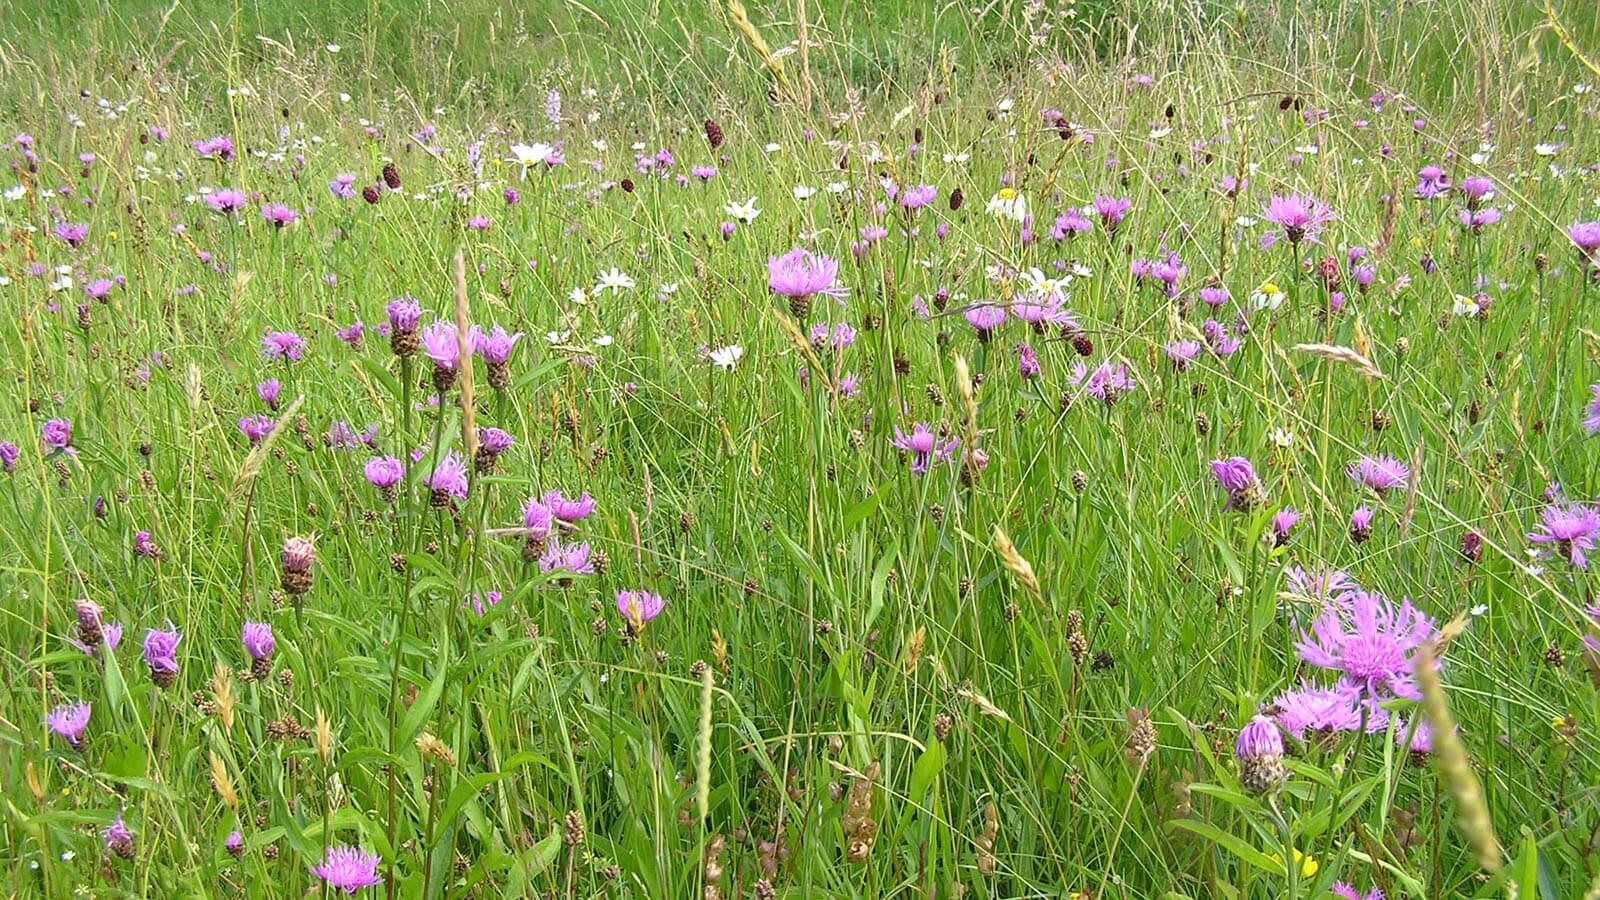 Blumenwiese u.a. mit Flockenblumen, Klappertopf, Margeriten und Wiesenknopf-Arten. Foto: LEV MS